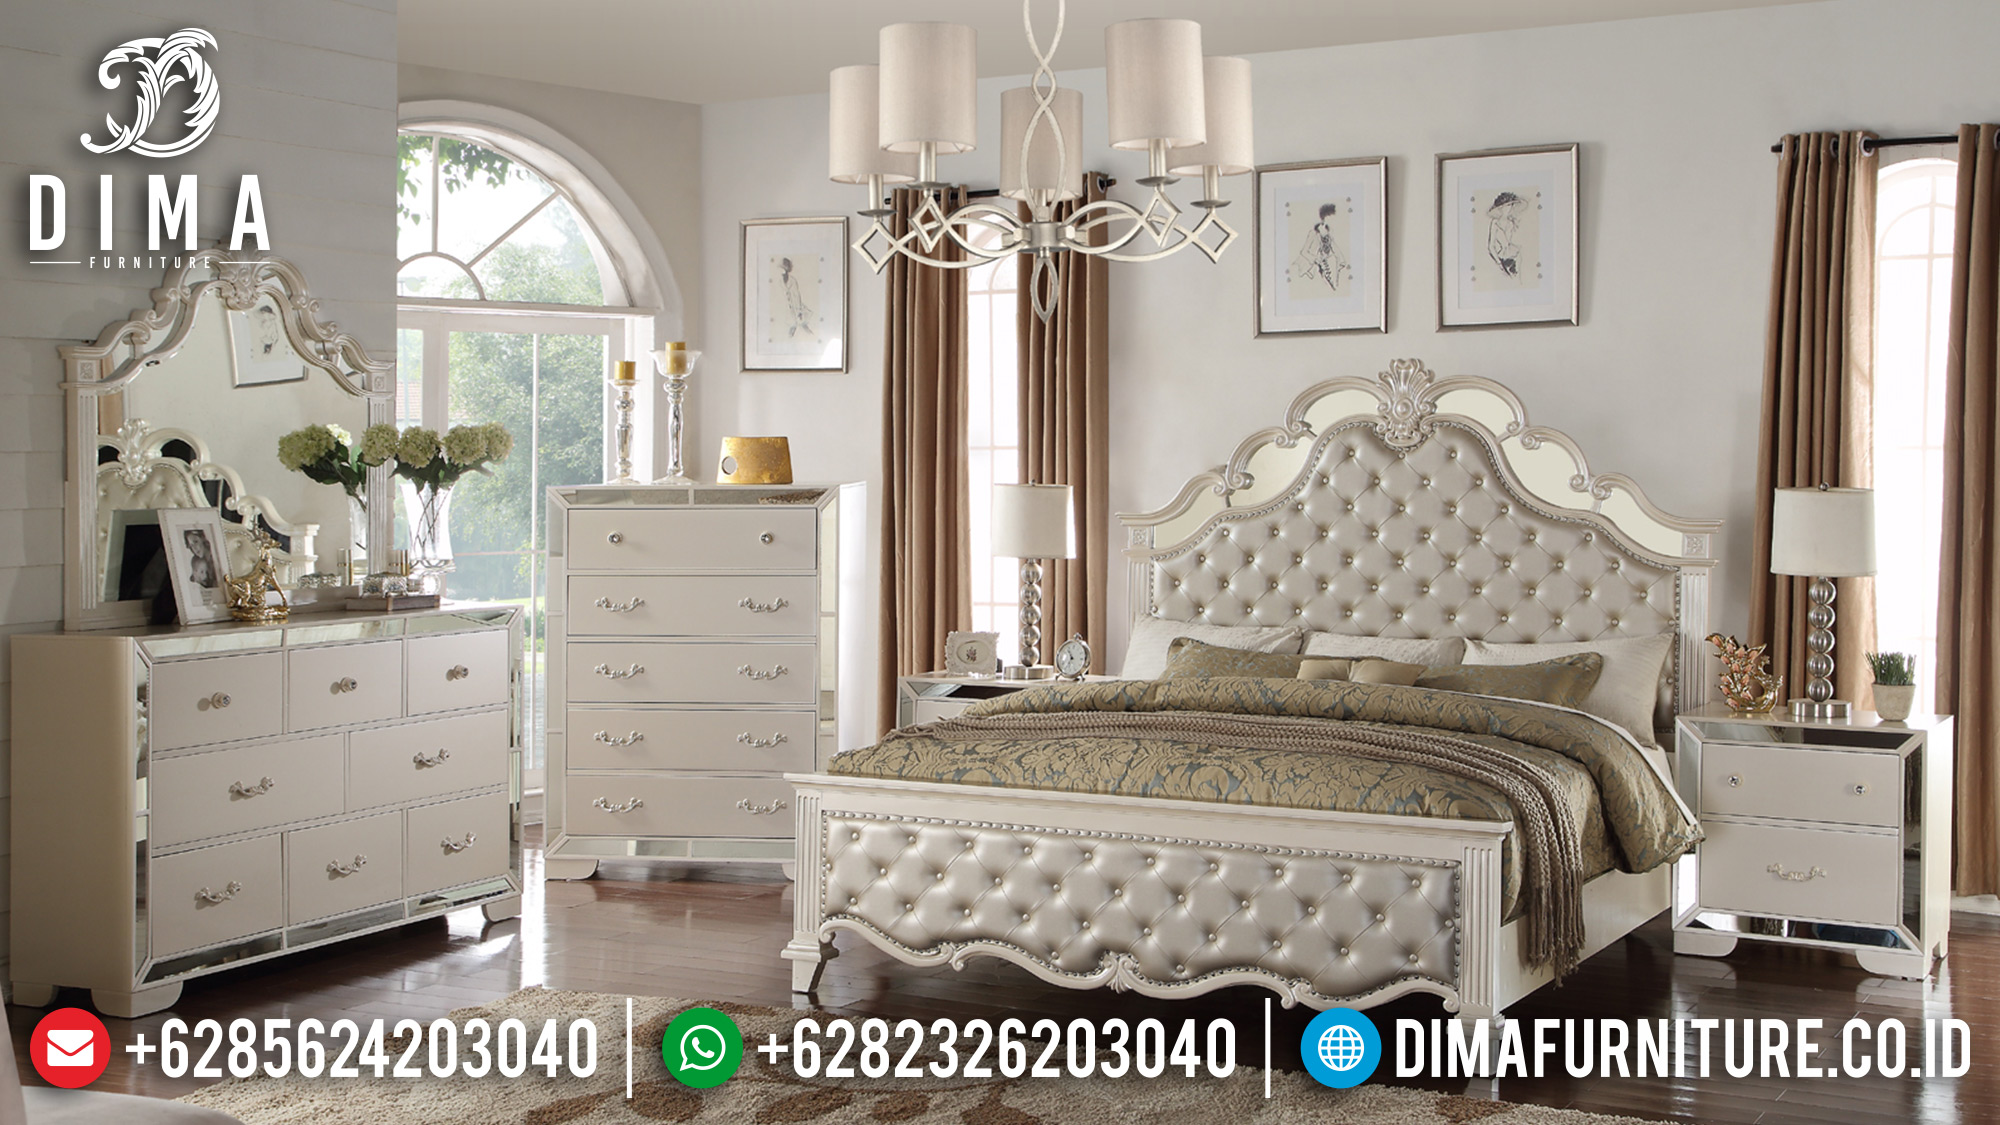 Model Minimalis Tempat Tidur Jepara 2019 DF-0918